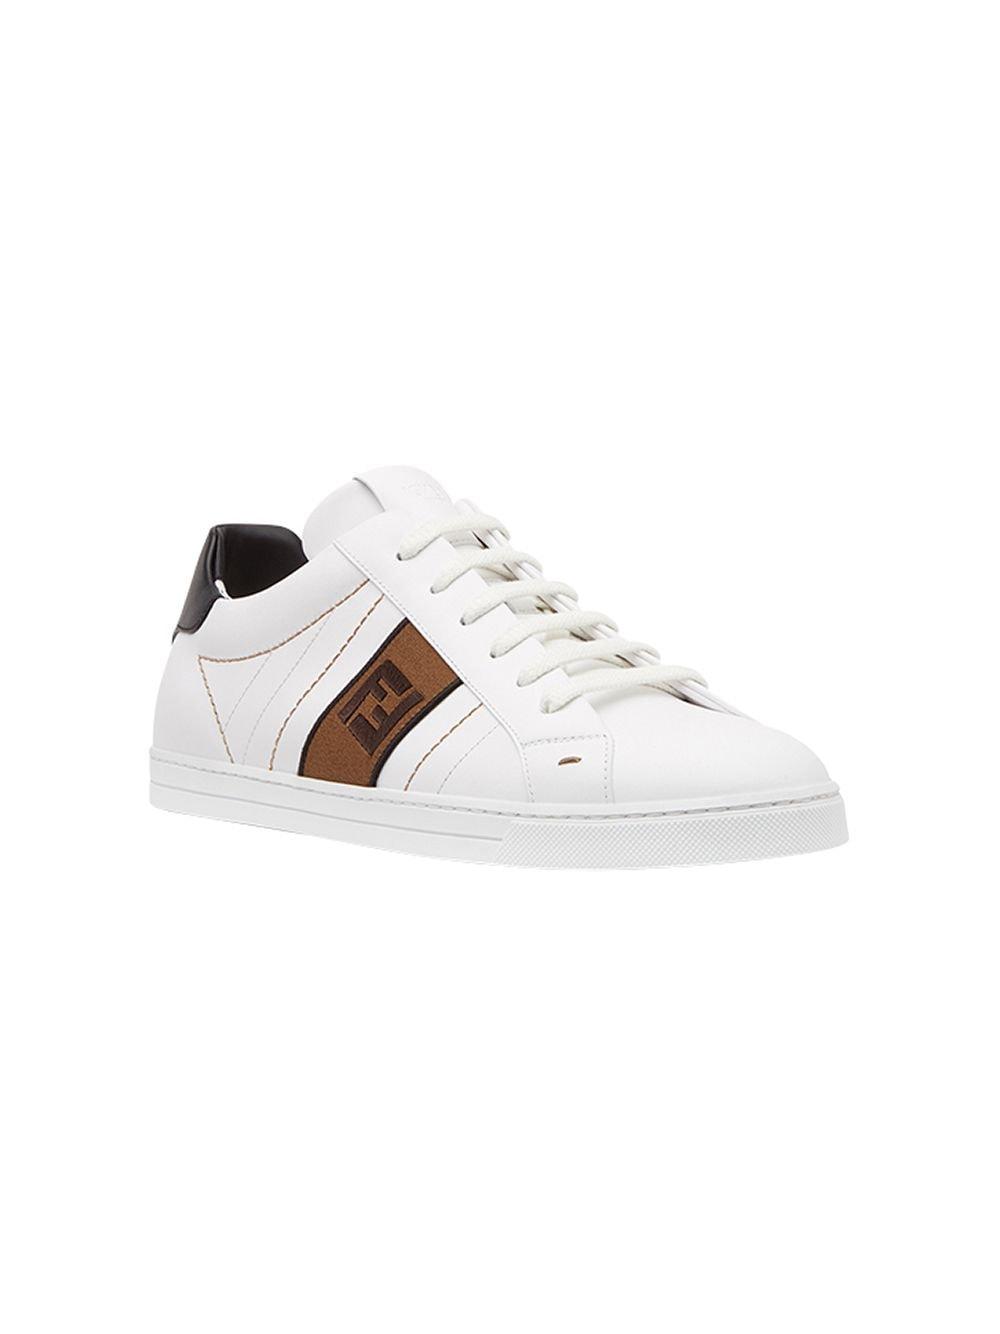 sneakers in pelle di vitello bianca con banda laterale con motivo Zucca FENDI | Scarpa | 7E1166-A3XLF13TH